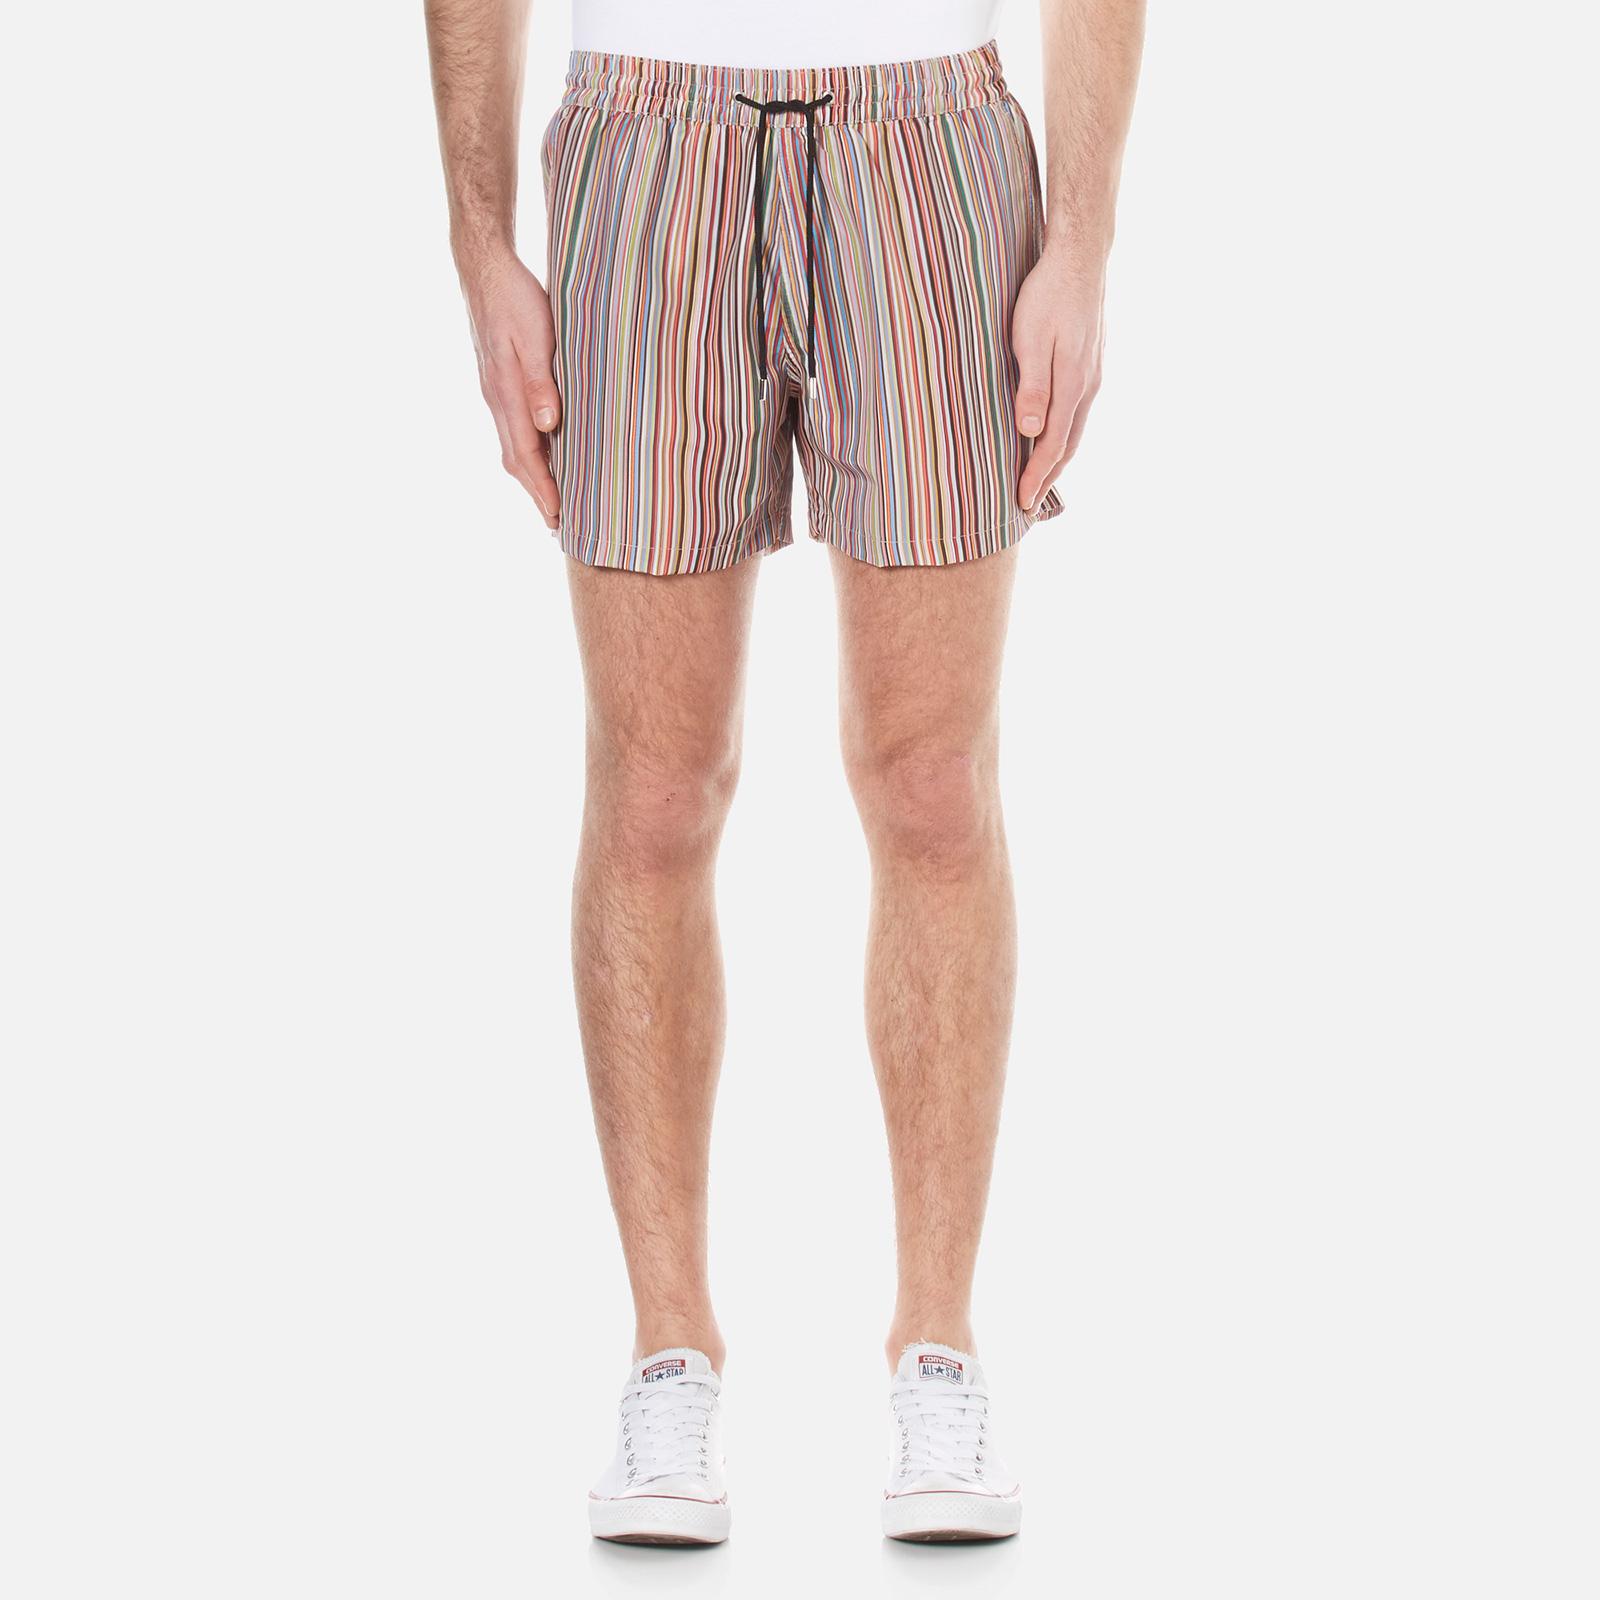 a847a4be2e Paul Smith Men's Classic Multi Stripe Swim Shorts - Multi Stripe - Free UK  Delivery over £50